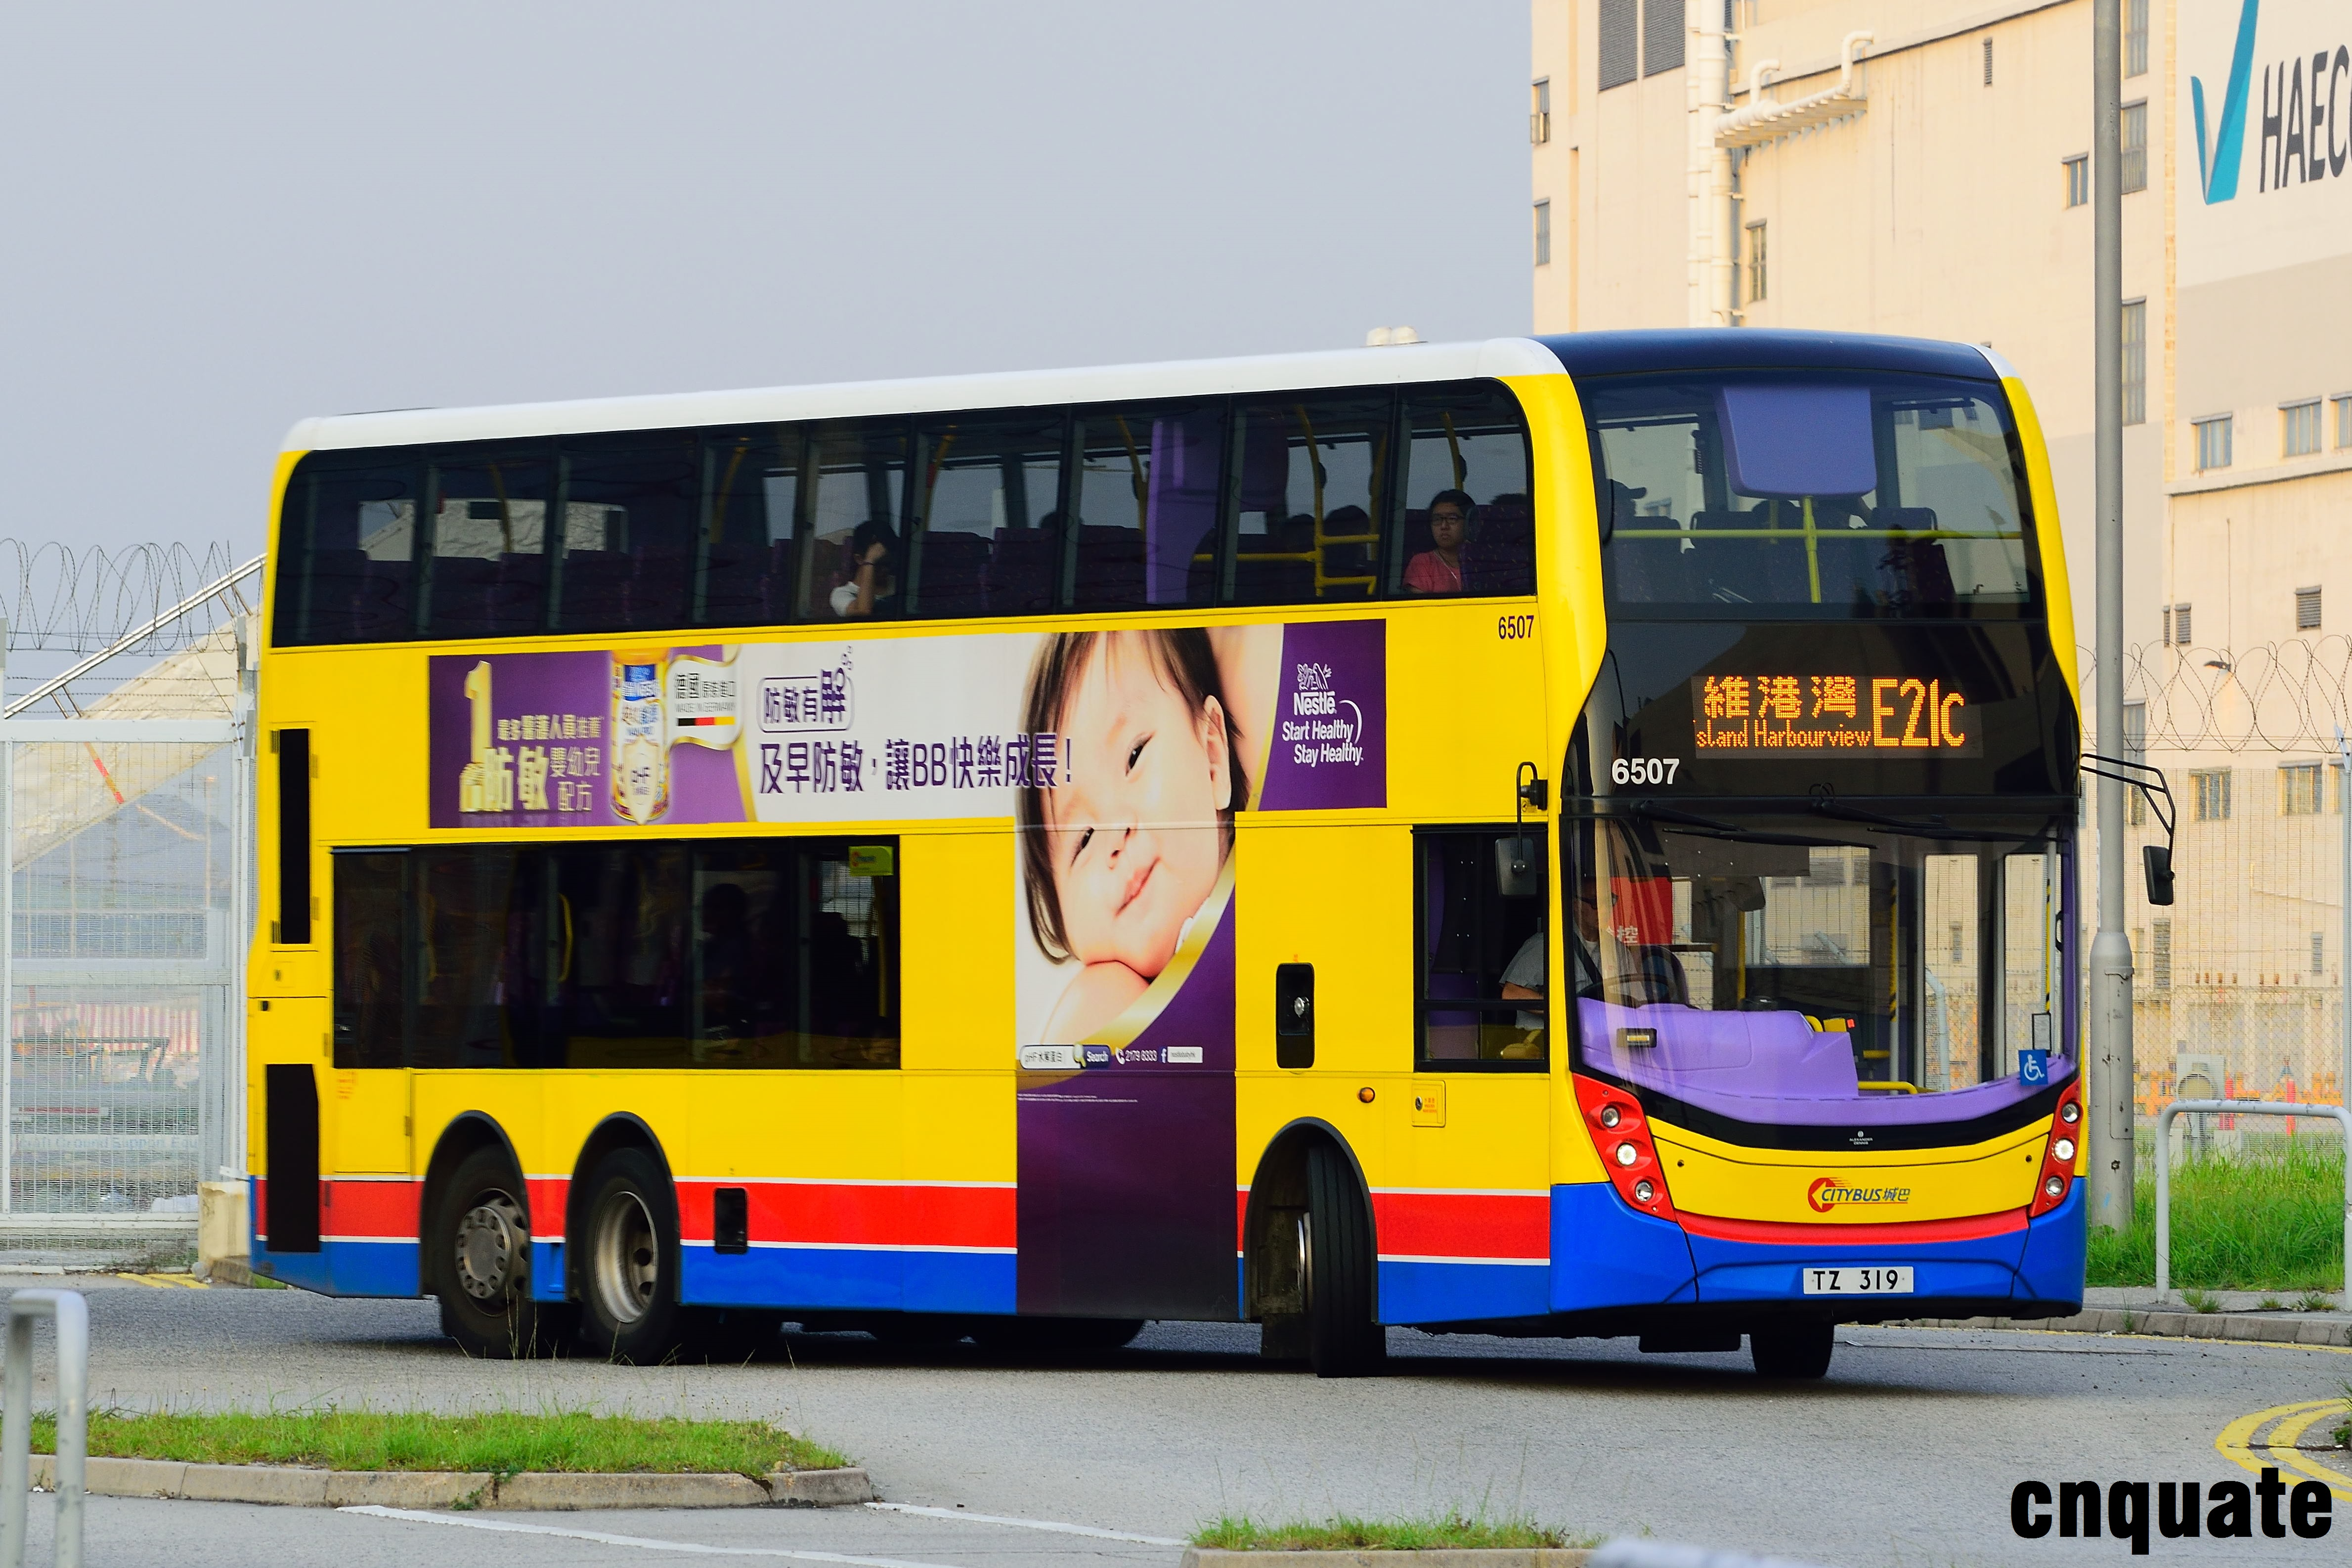 城巴E21C線